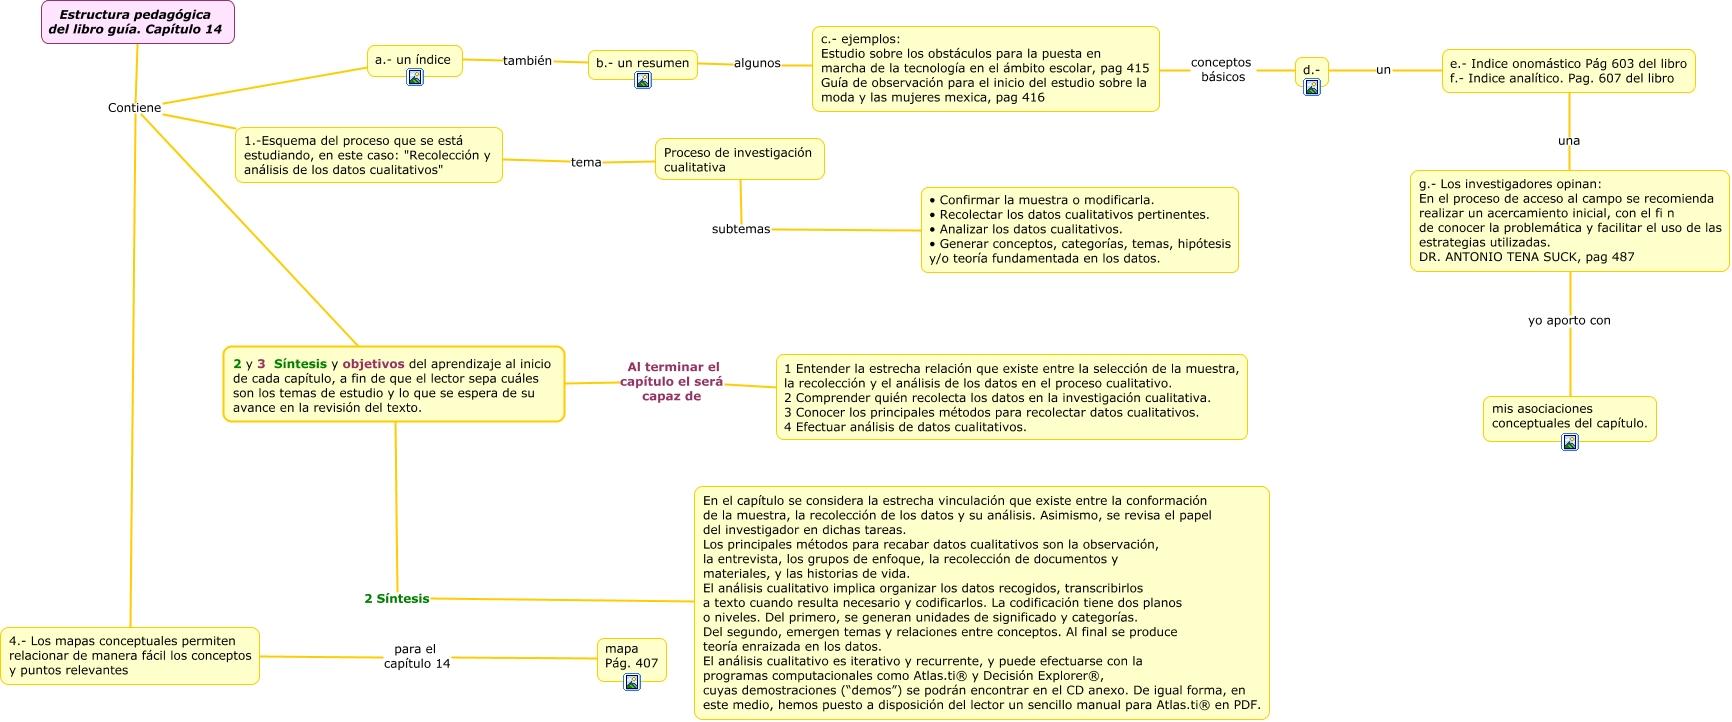 Cap 14- Recolección de datos cualitativos